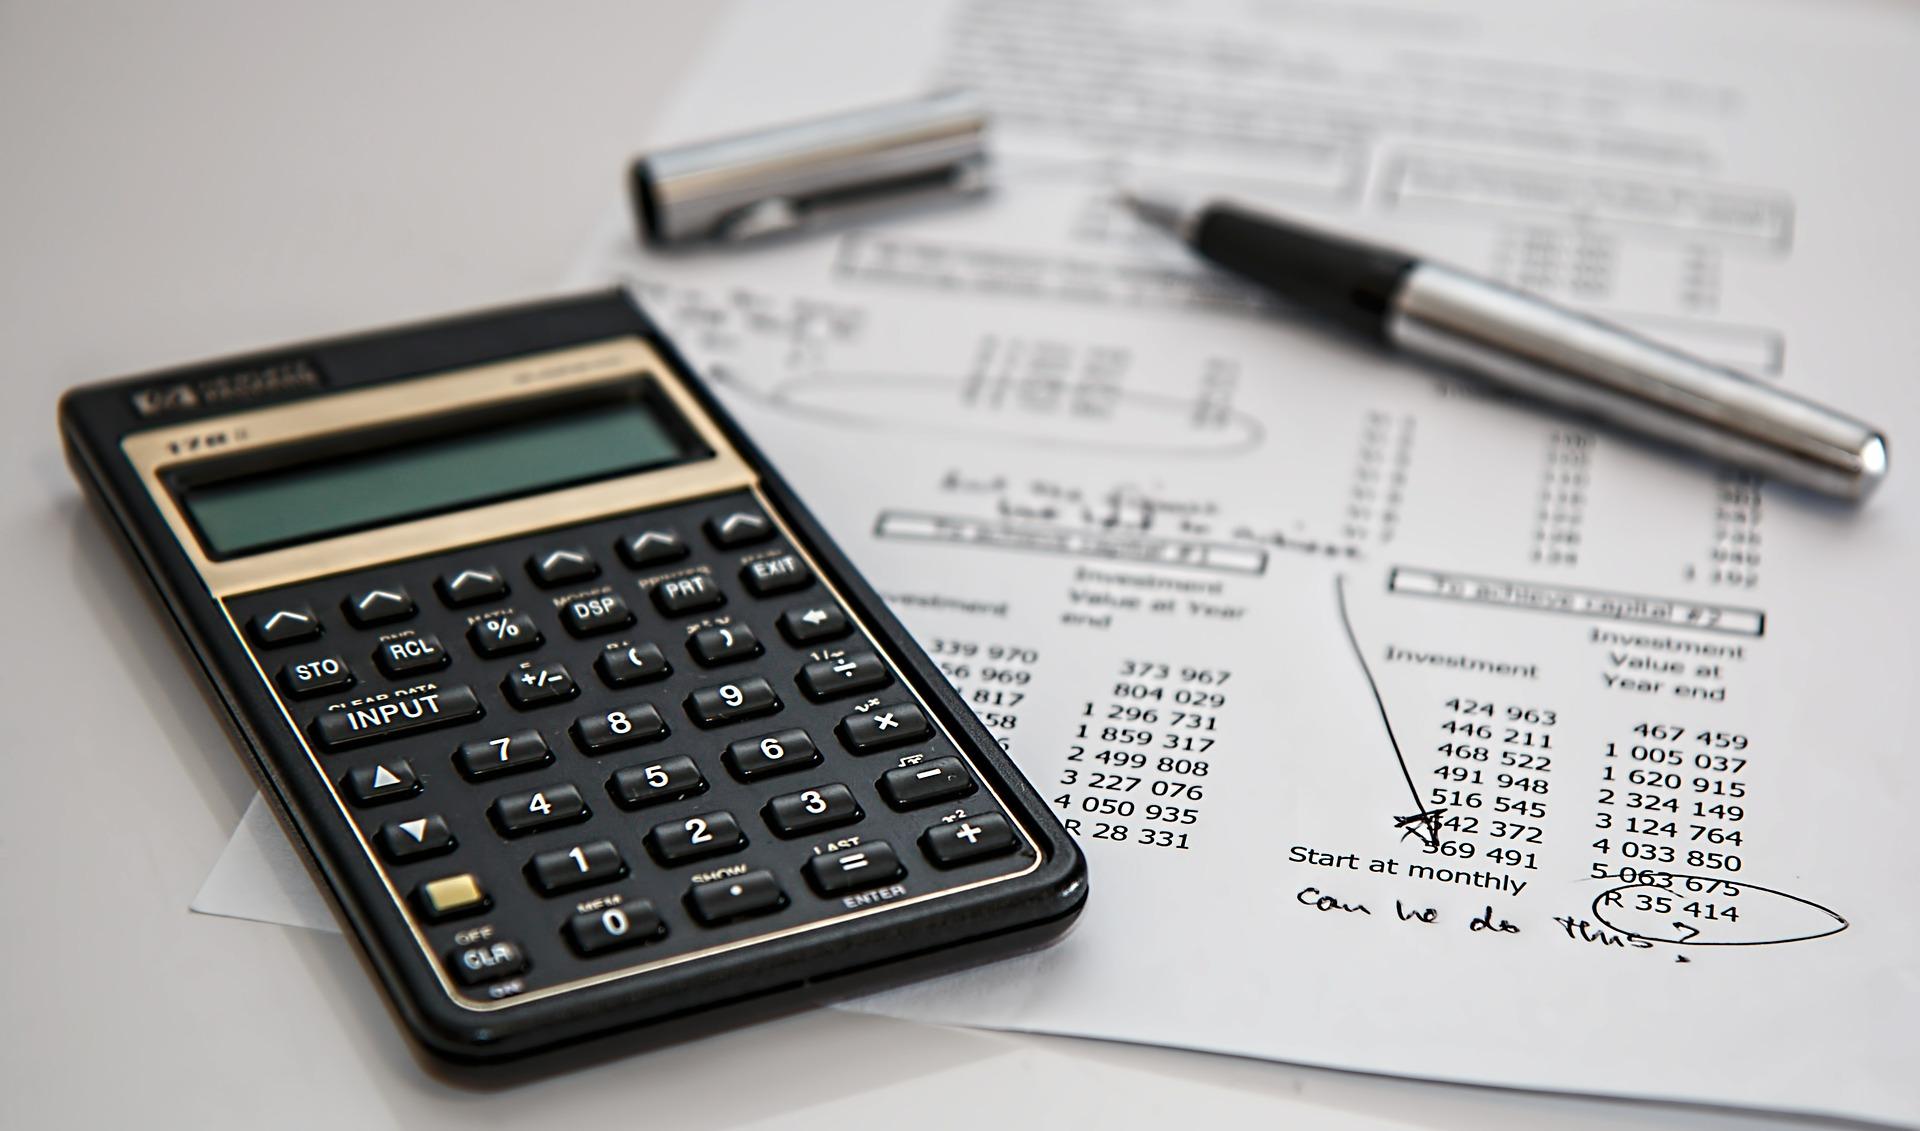 5 Principles of Accounting